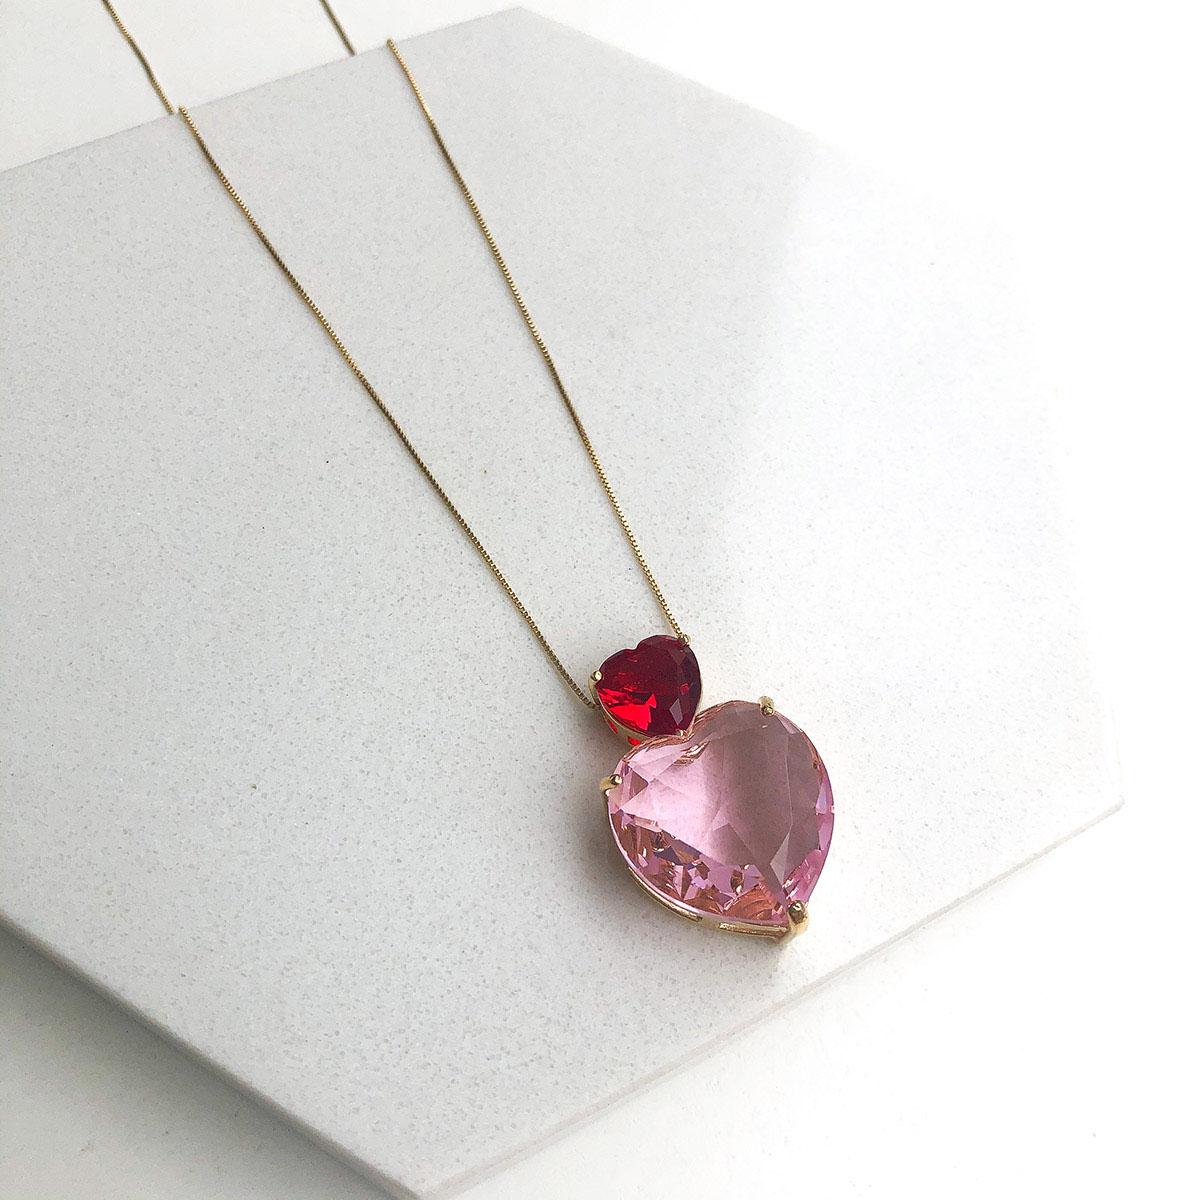 Colar Banhado a Ouro 18k Coroa de Coração Vermelho com Coração Rosa